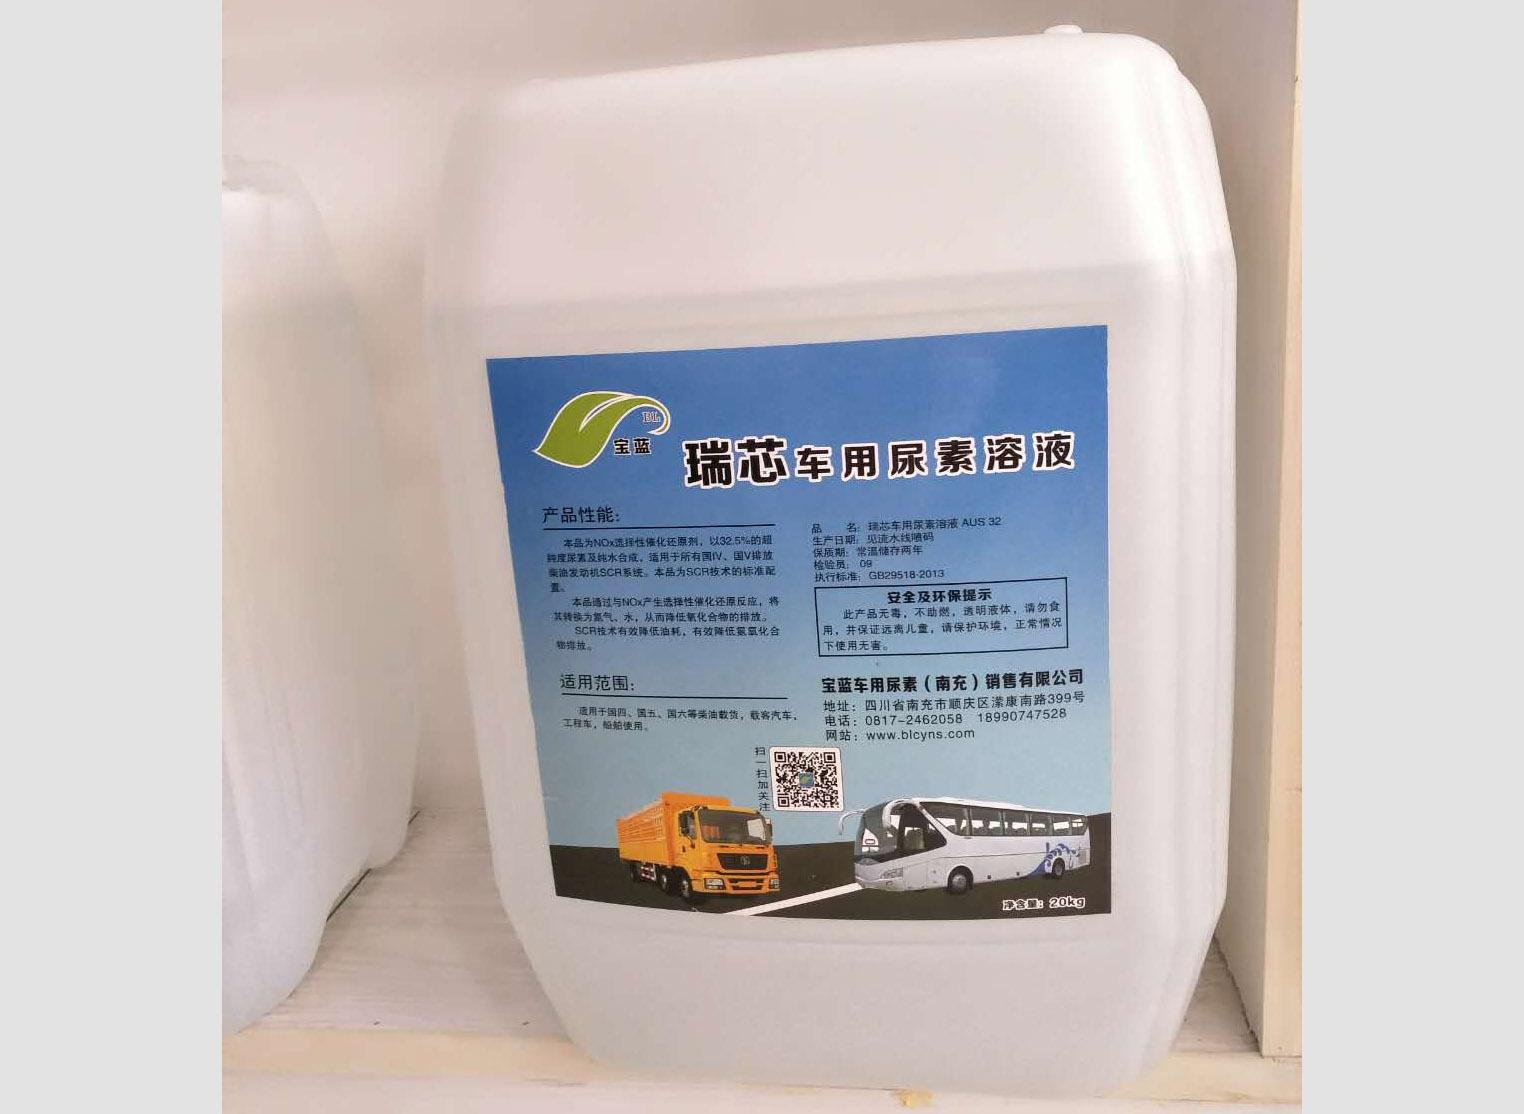 四川宝蓝柴油车尾气处理溶液生产